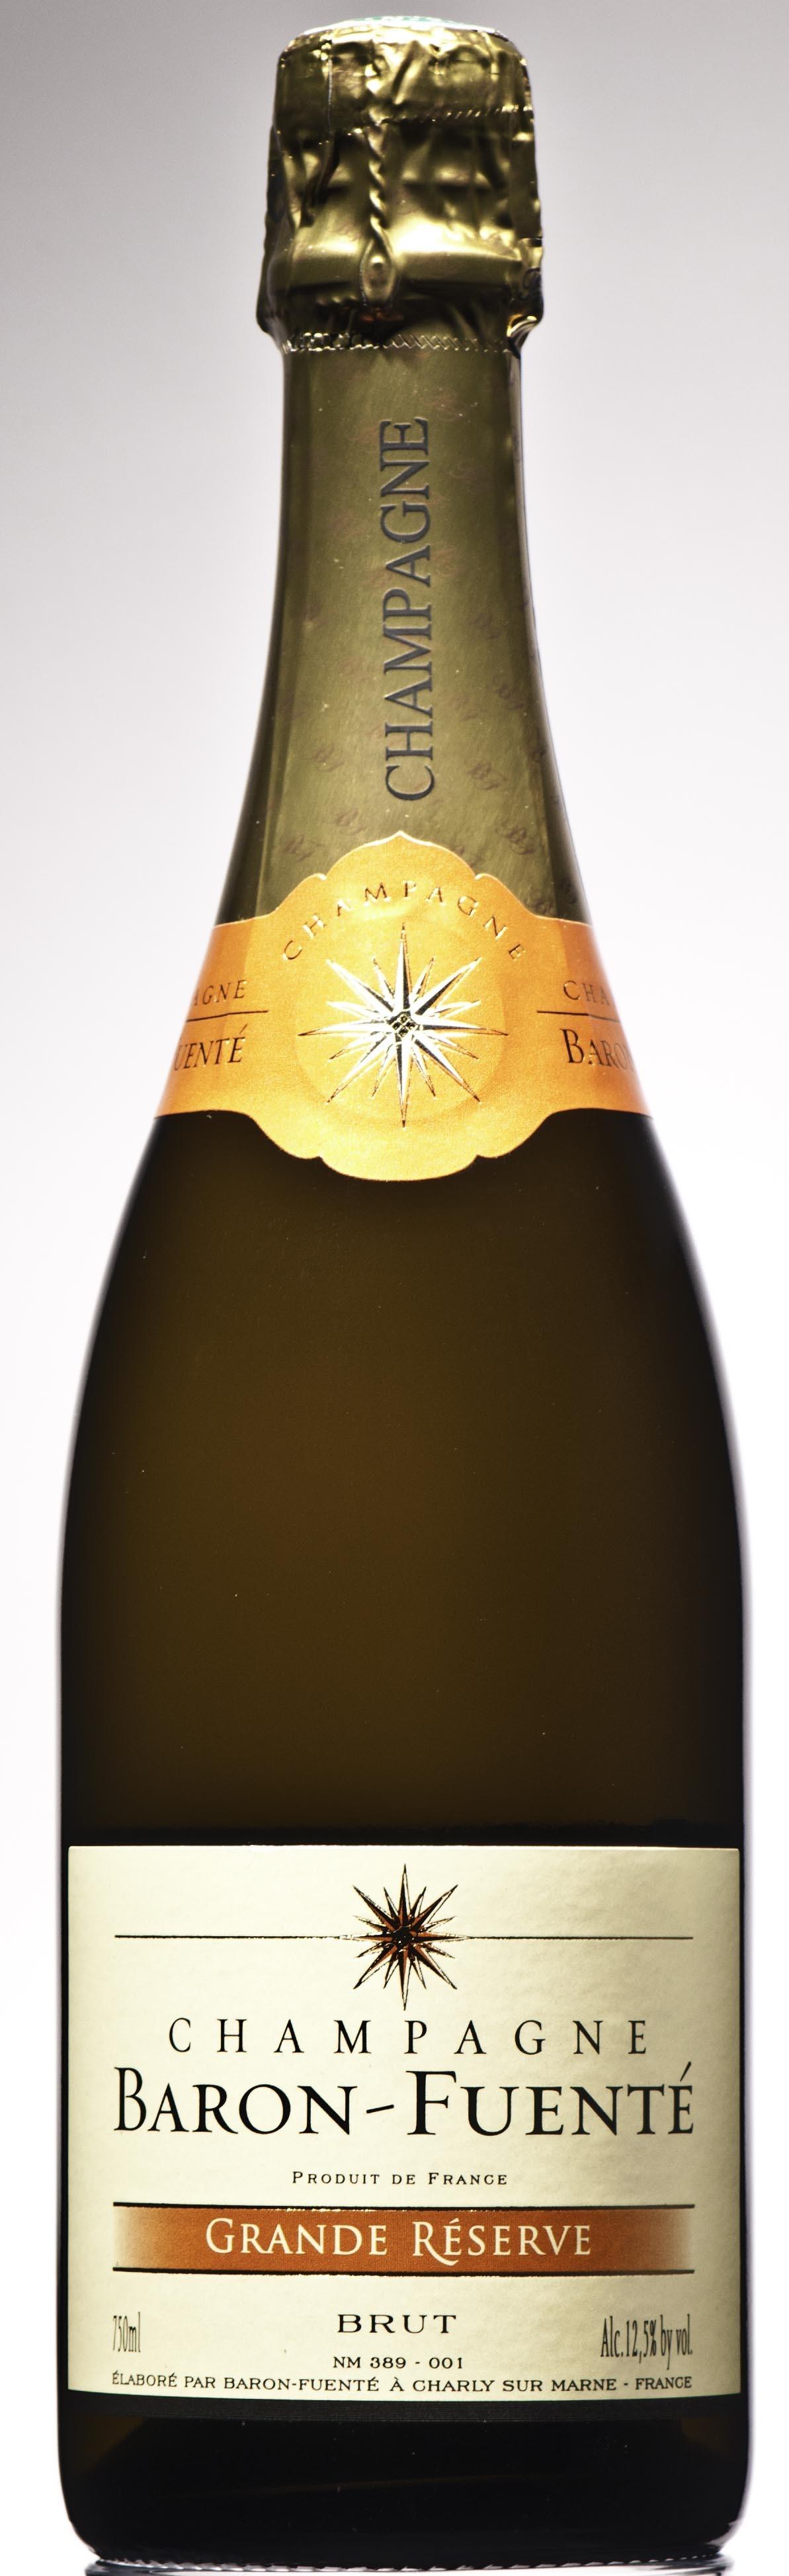 Champagner Baron Fuente Grande Reserve brut